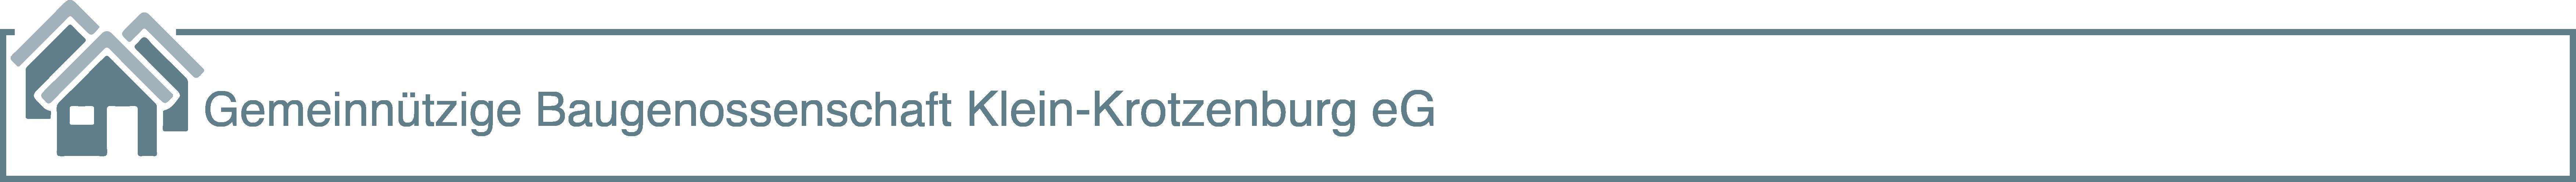 Baugenossenschaft Klein-Krotzenburg